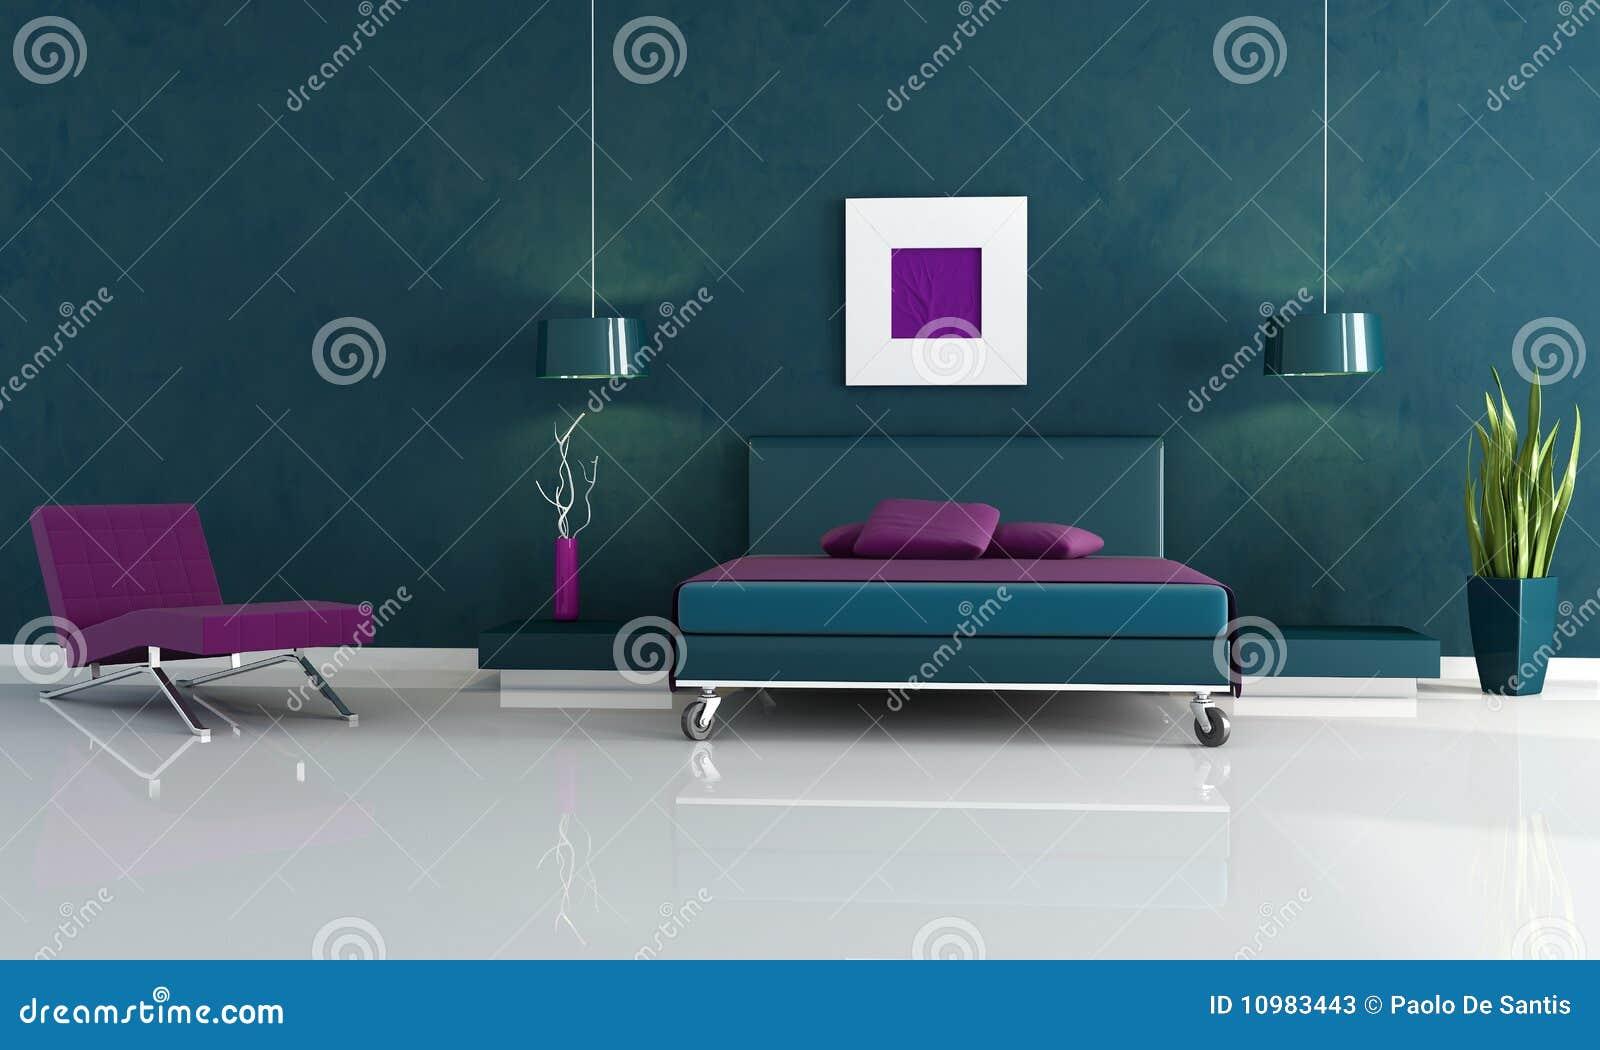 Quarto Azul E Roxo Moderno Fotos de Stock Imagem